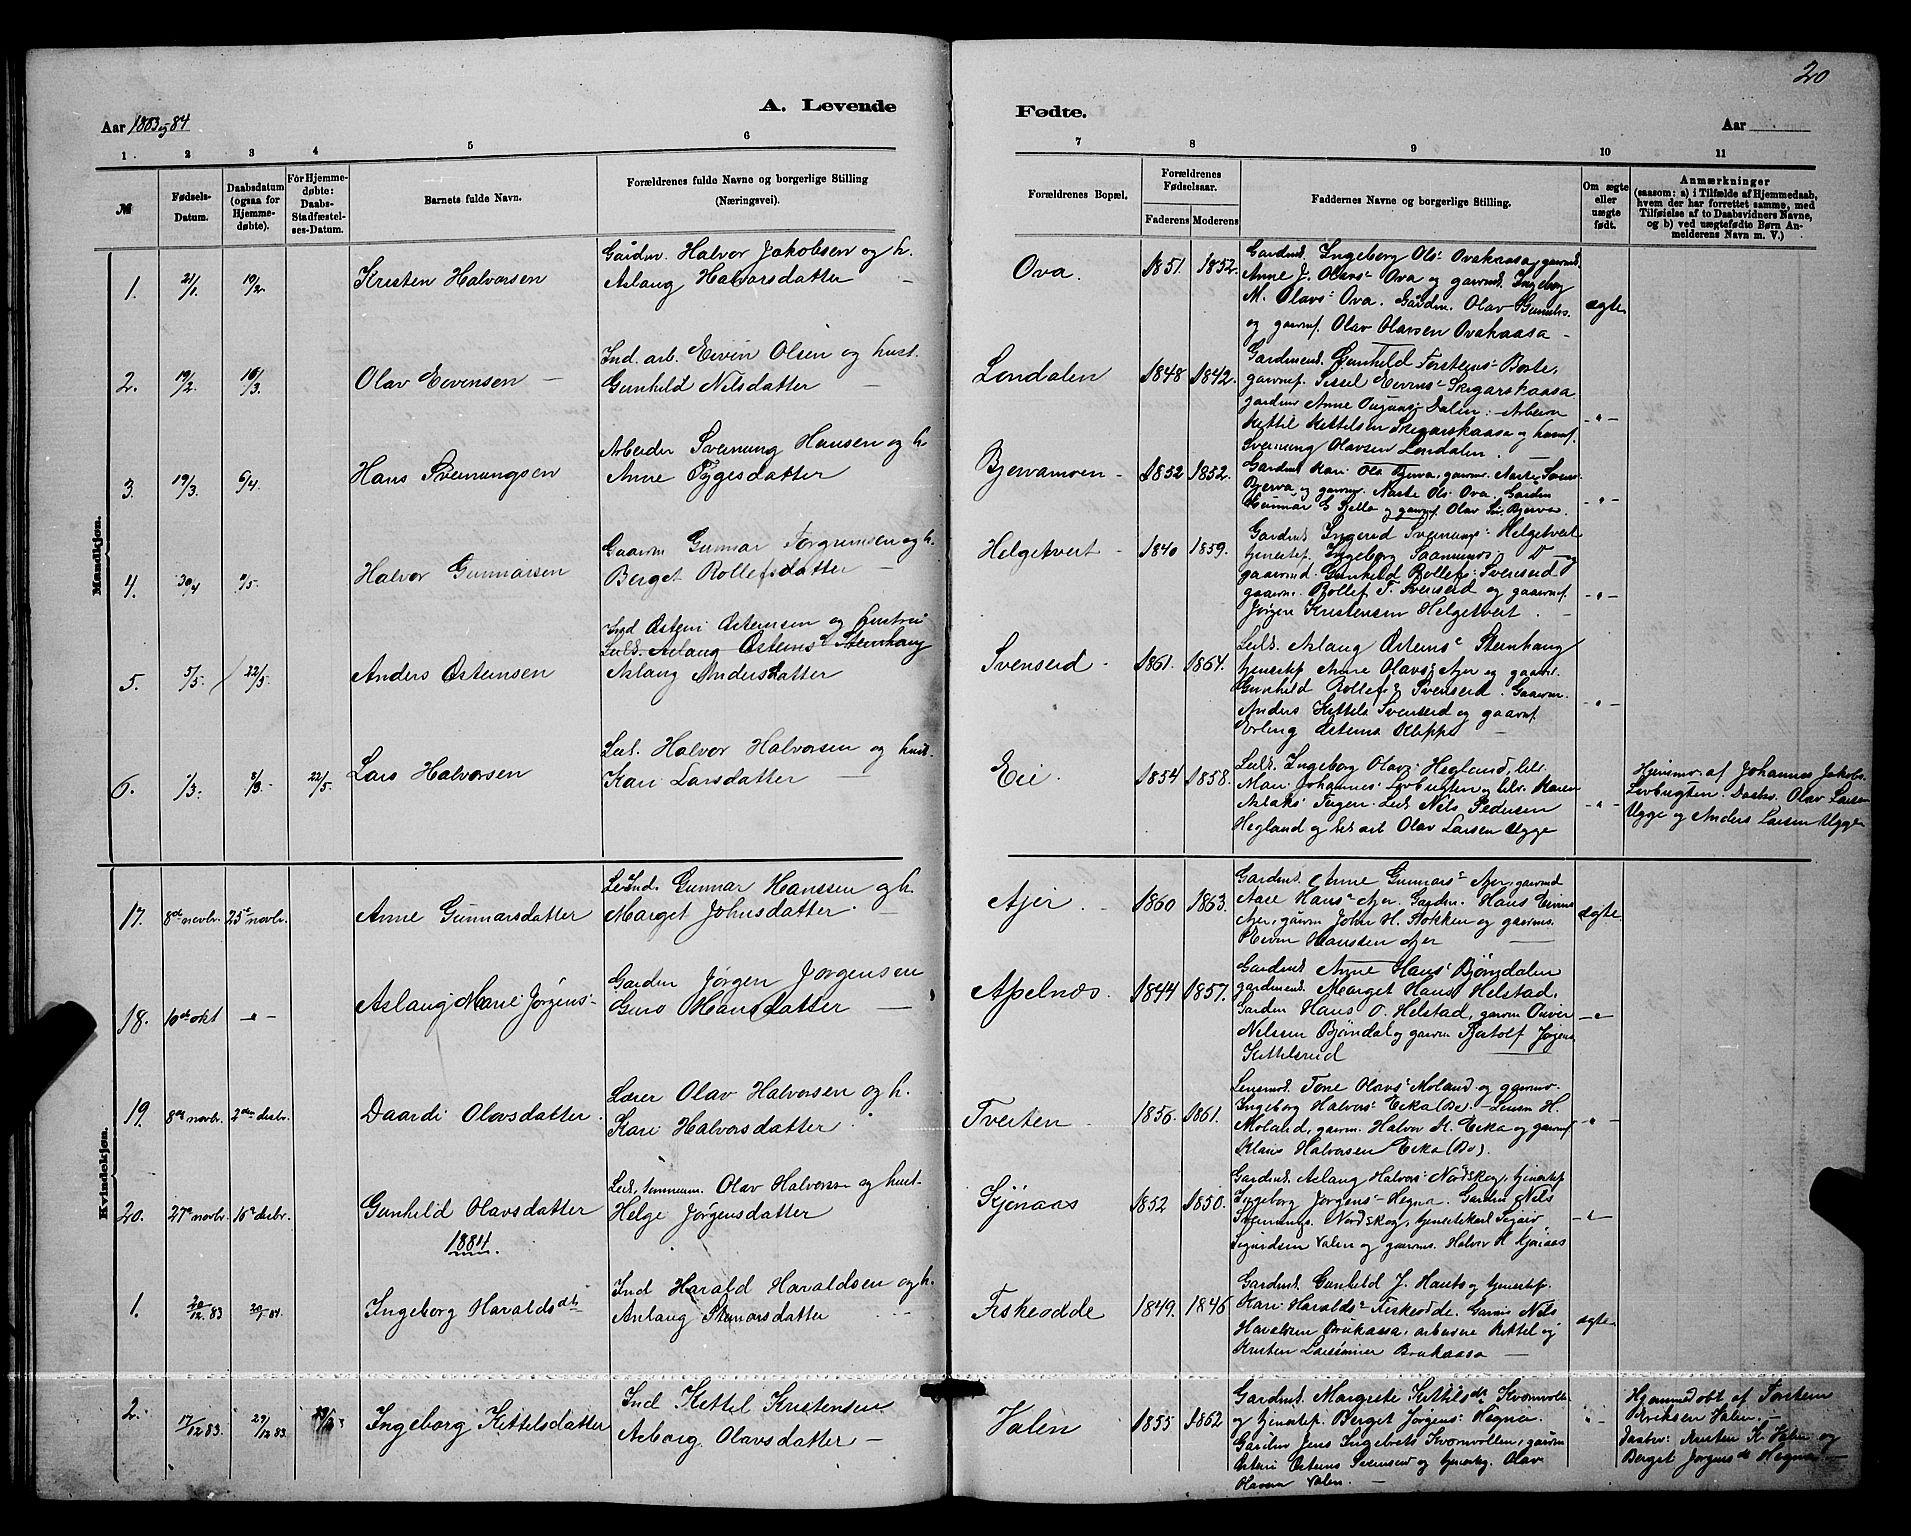 SAKO, Lunde kirkebøker, G/Ga/L0001b: Klokkerbok nr. I 1, 1879-1887, s. 20